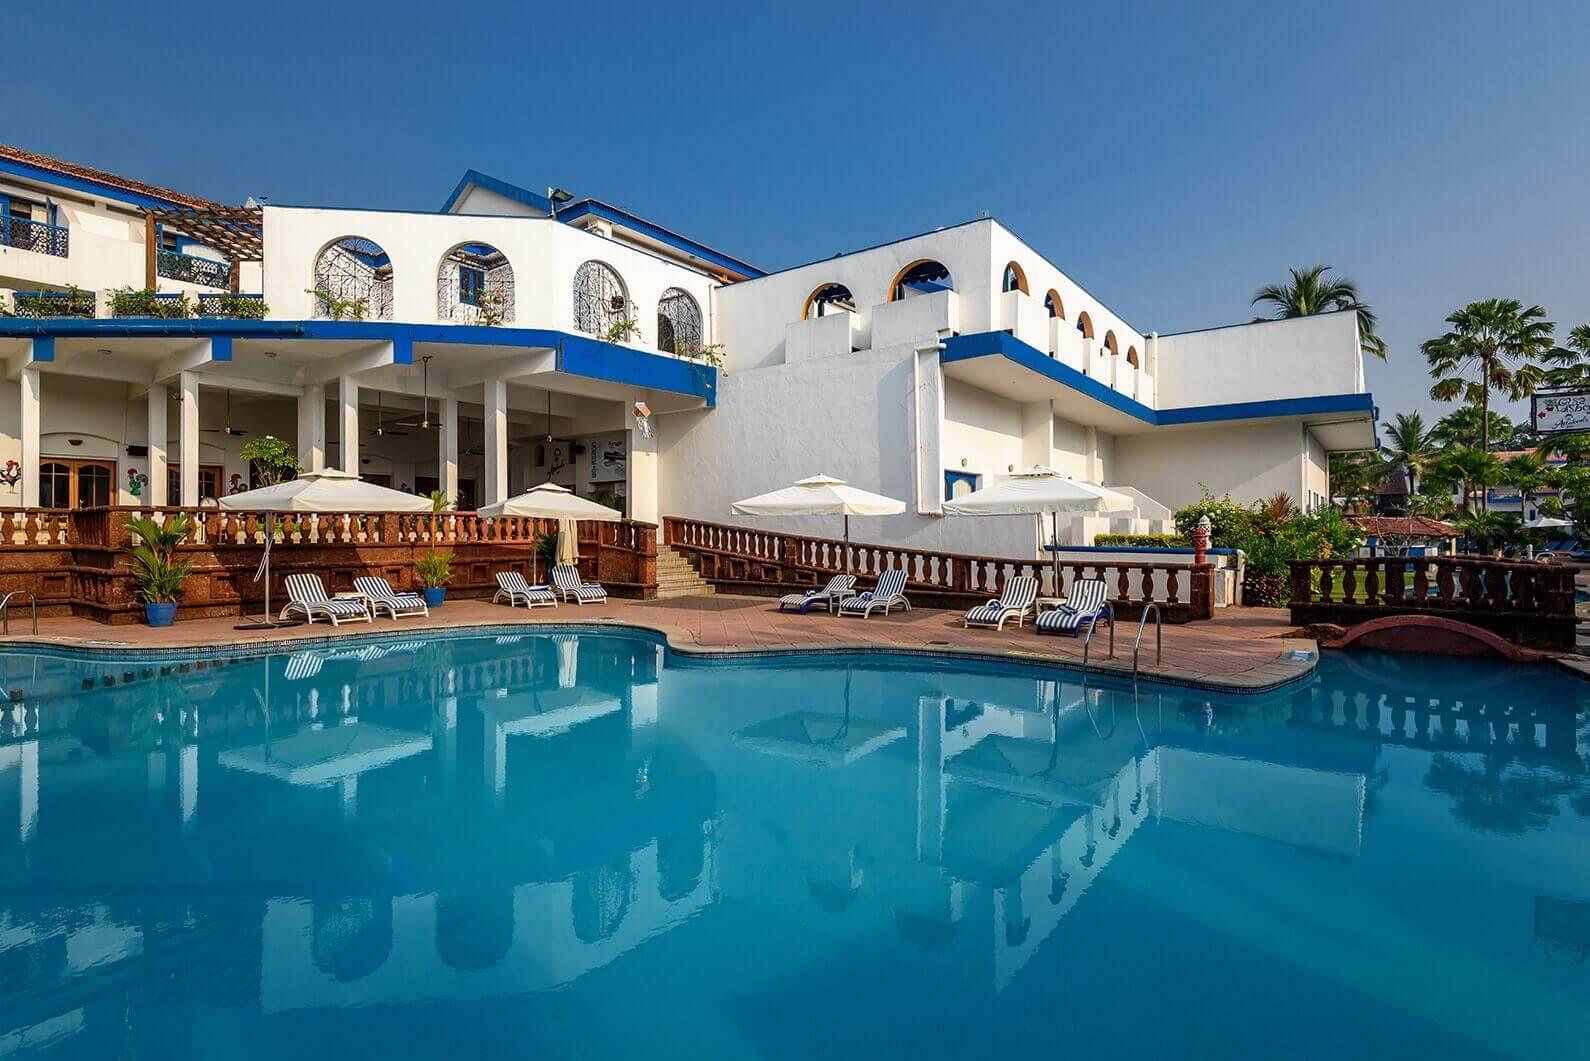 Karma-Royal-Haathi-Mahal-pool-6